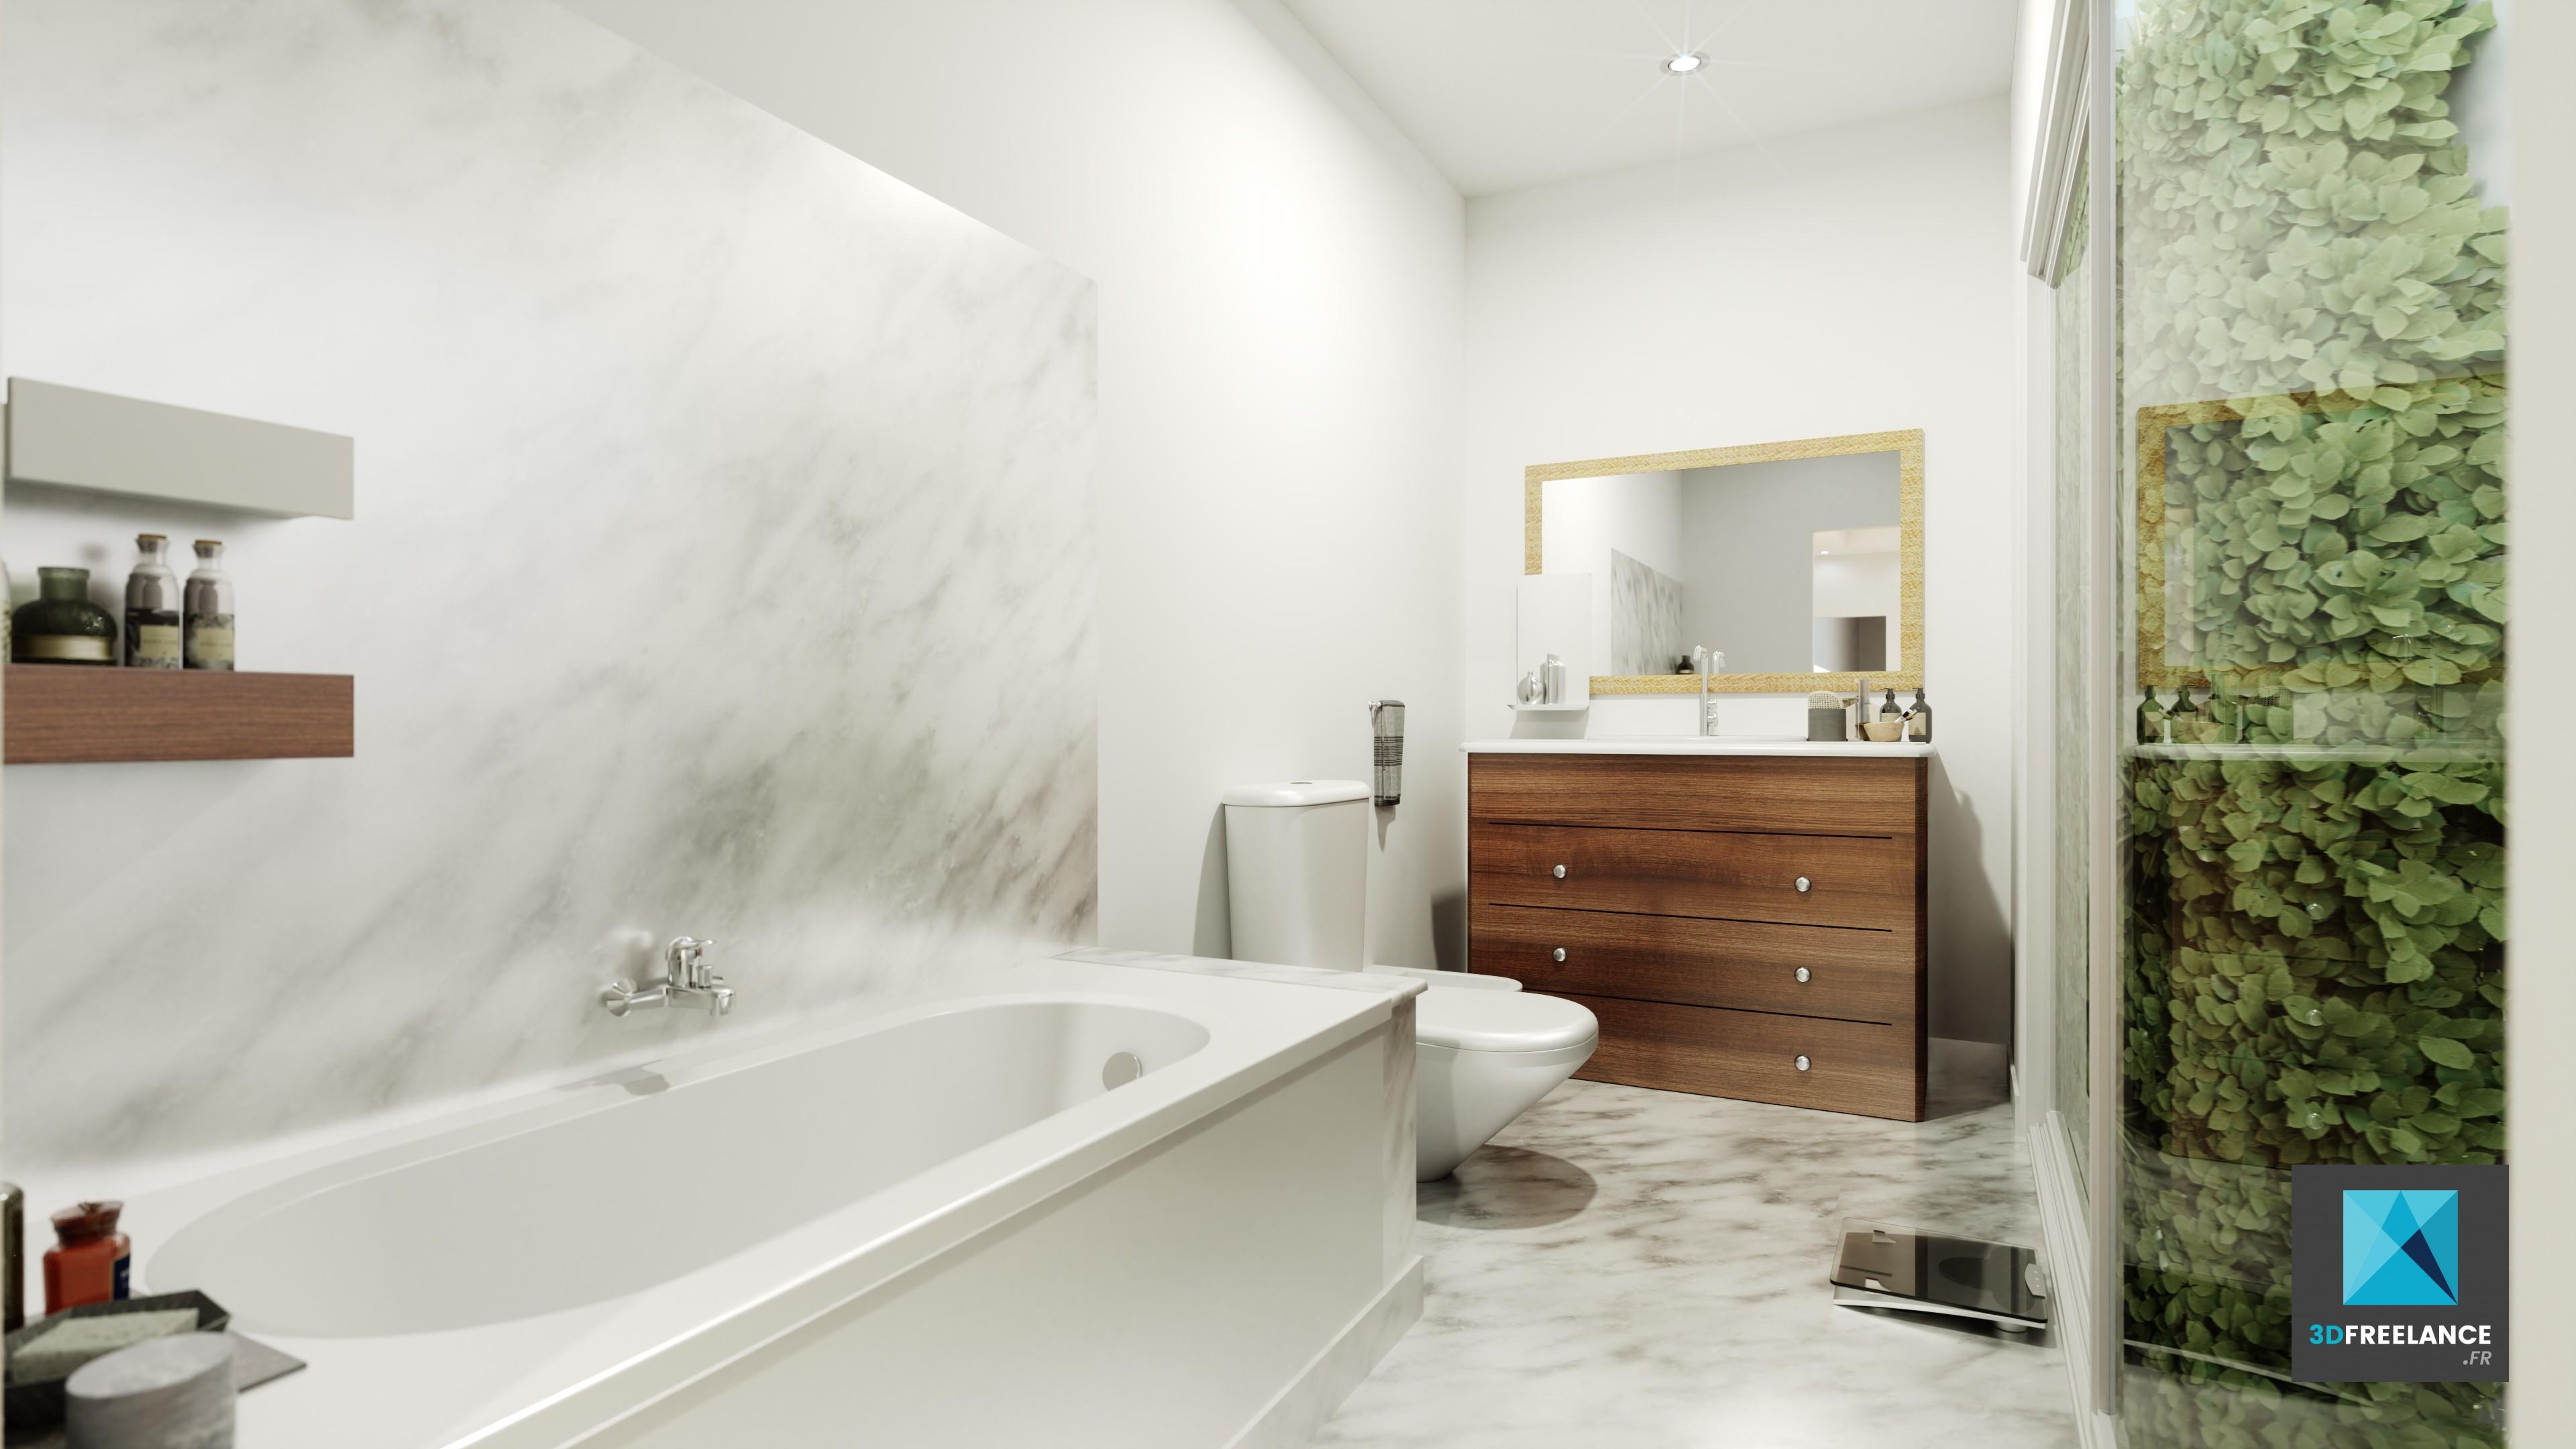 Perspective 3D espace intérieur   Infographiste immobilier FREELANCE